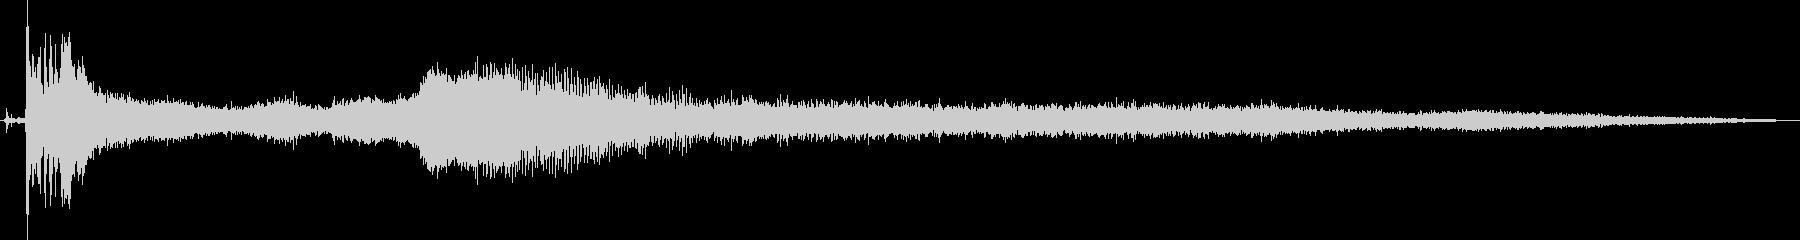 Infiniti Fx 35 Cr...の未再生の波形